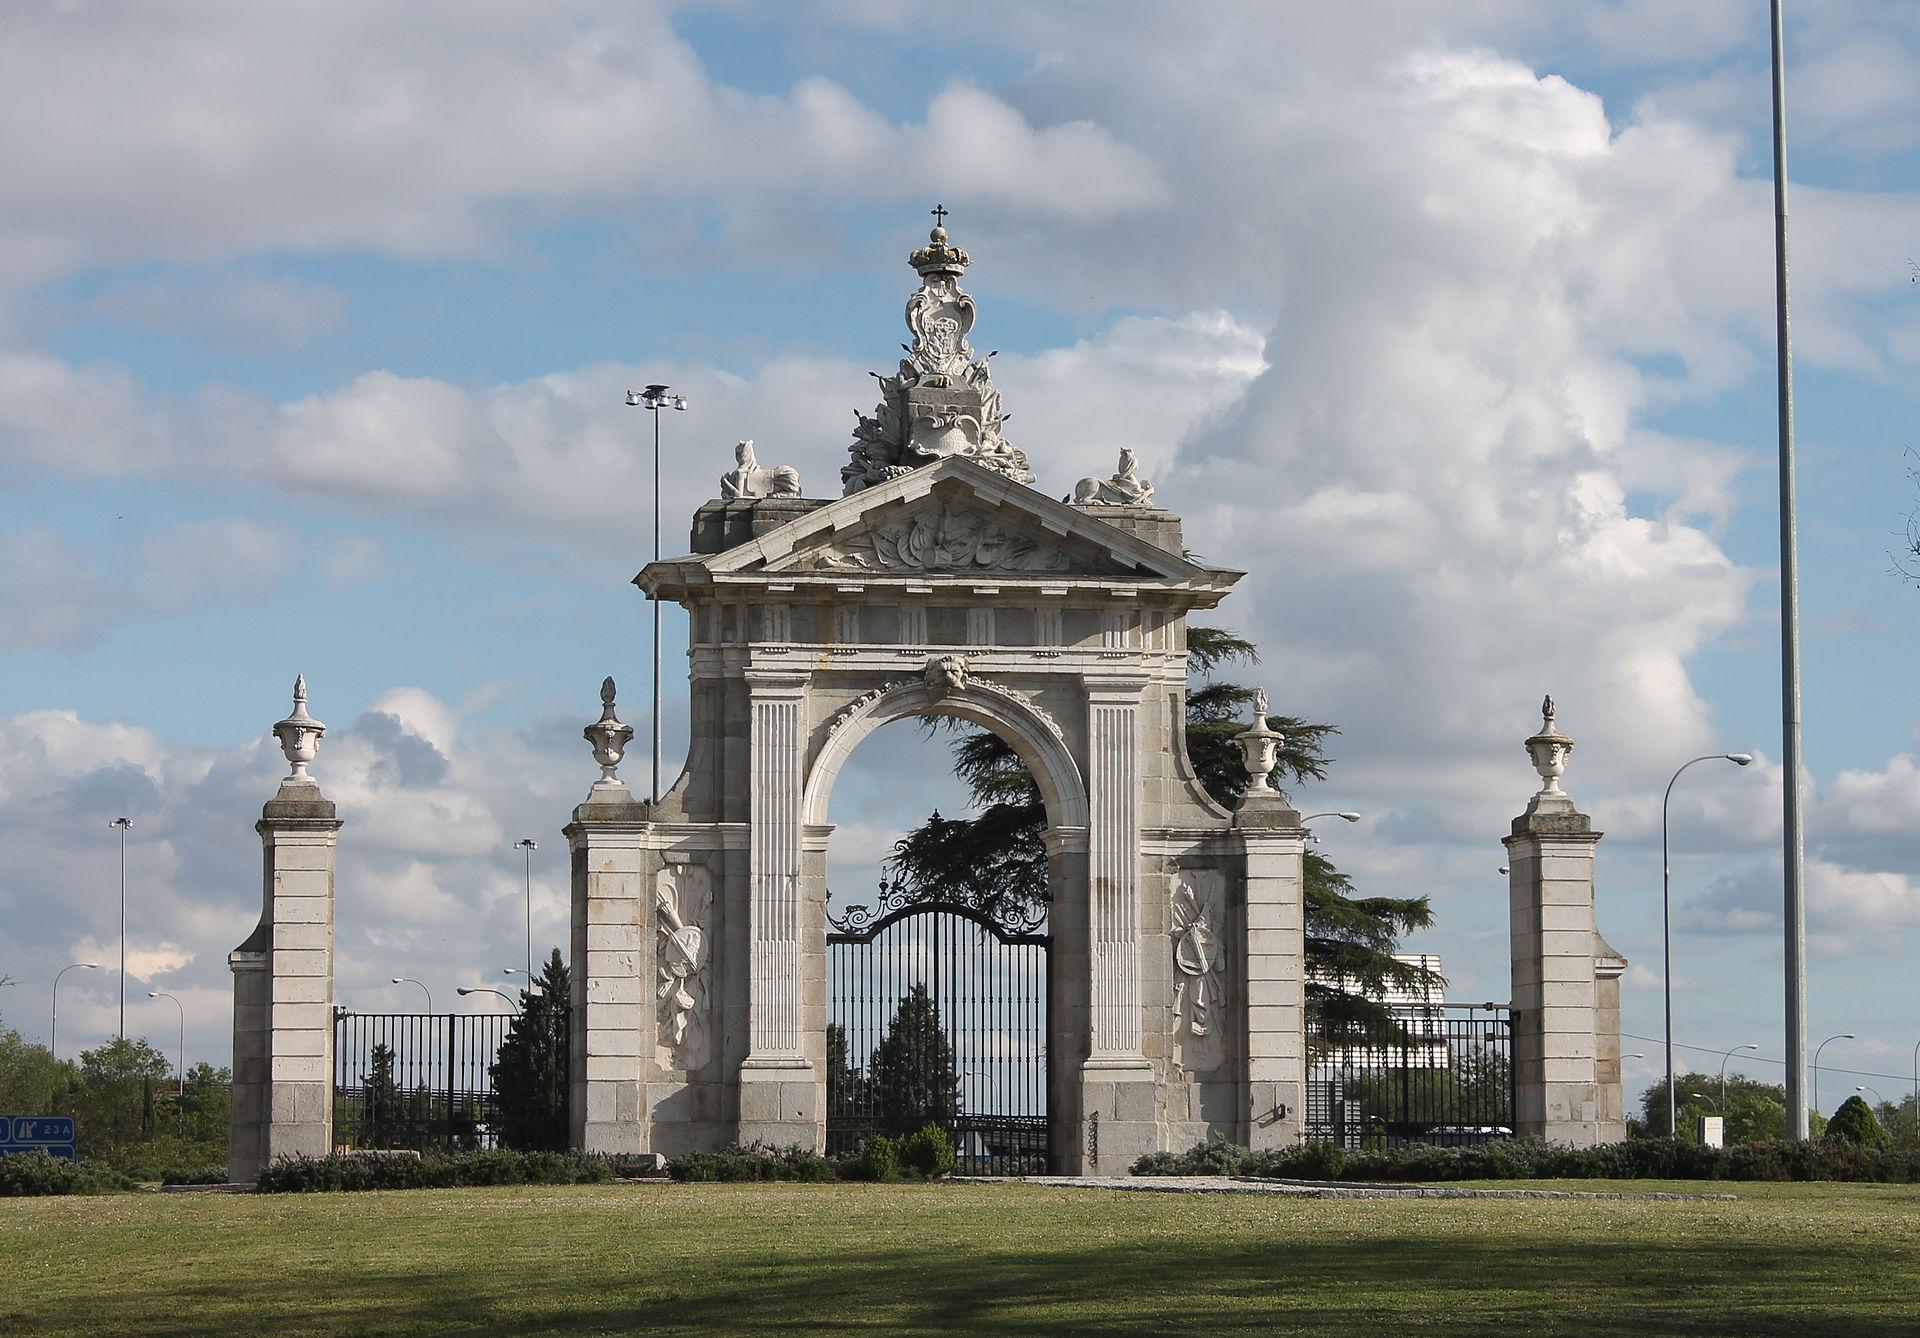 Puerta de hierro madrid wikip dia - Puertas de hierro ...